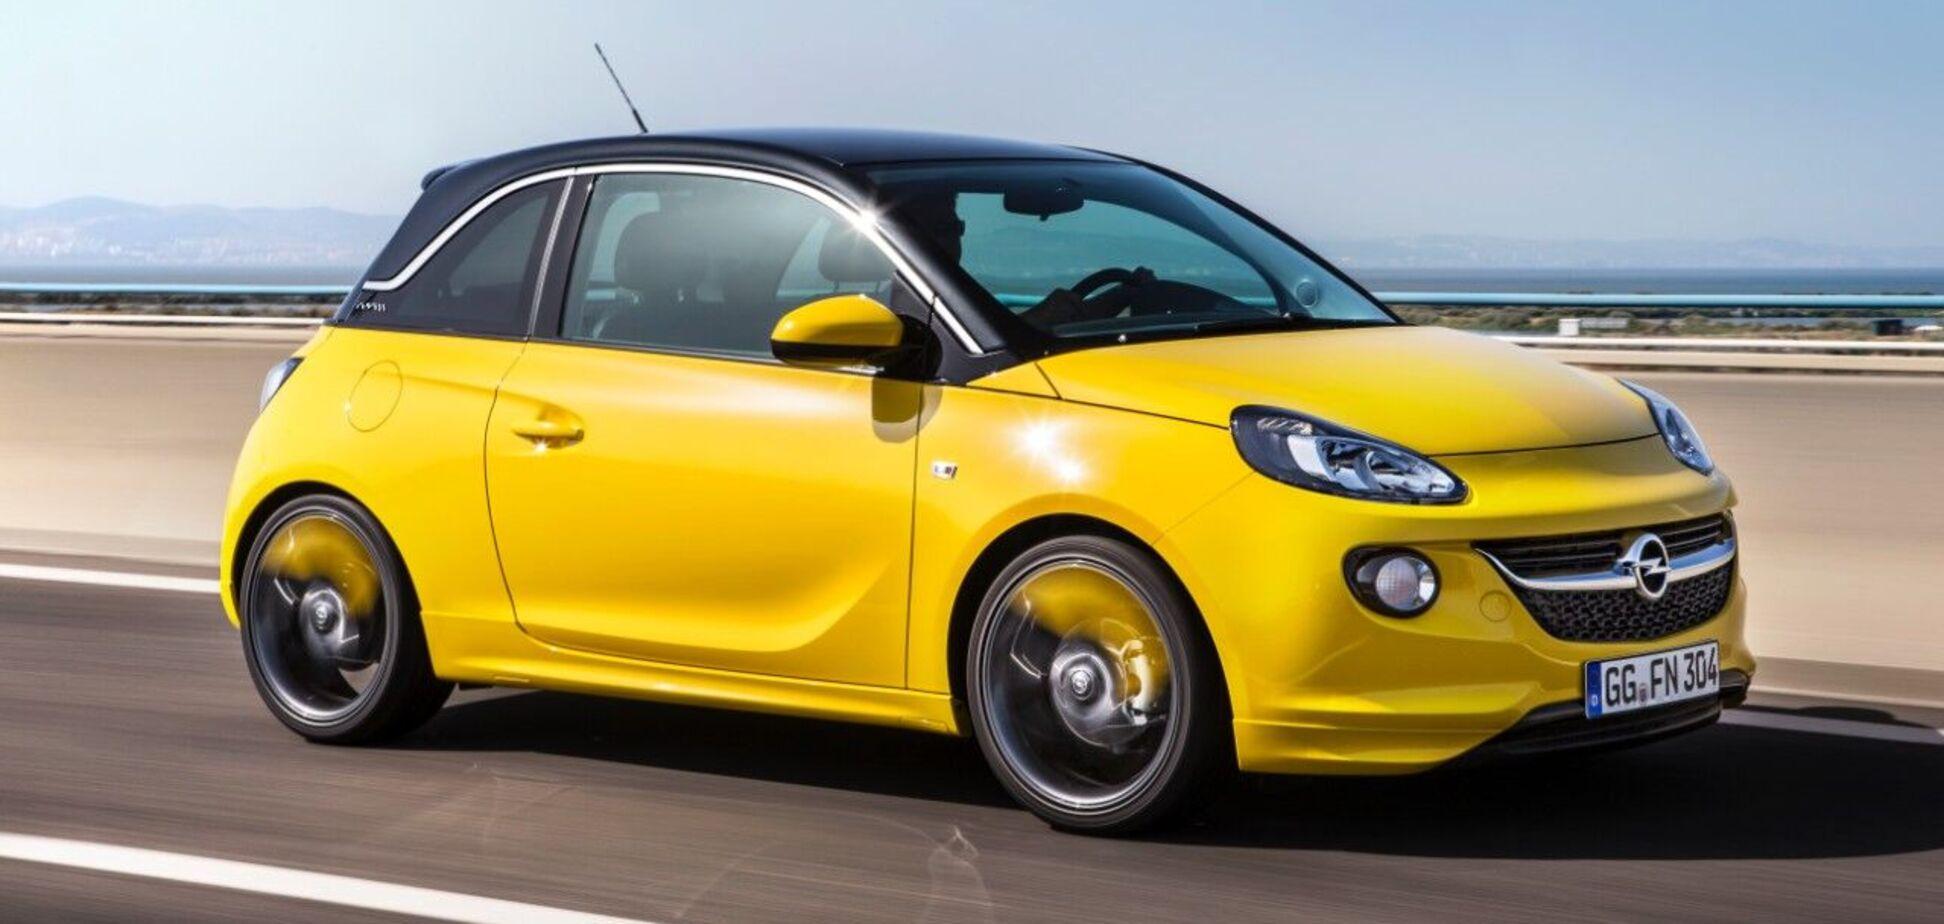 Дешеві авто можуть залишатися надійними навіть після кількох років експлуатації – дослідження